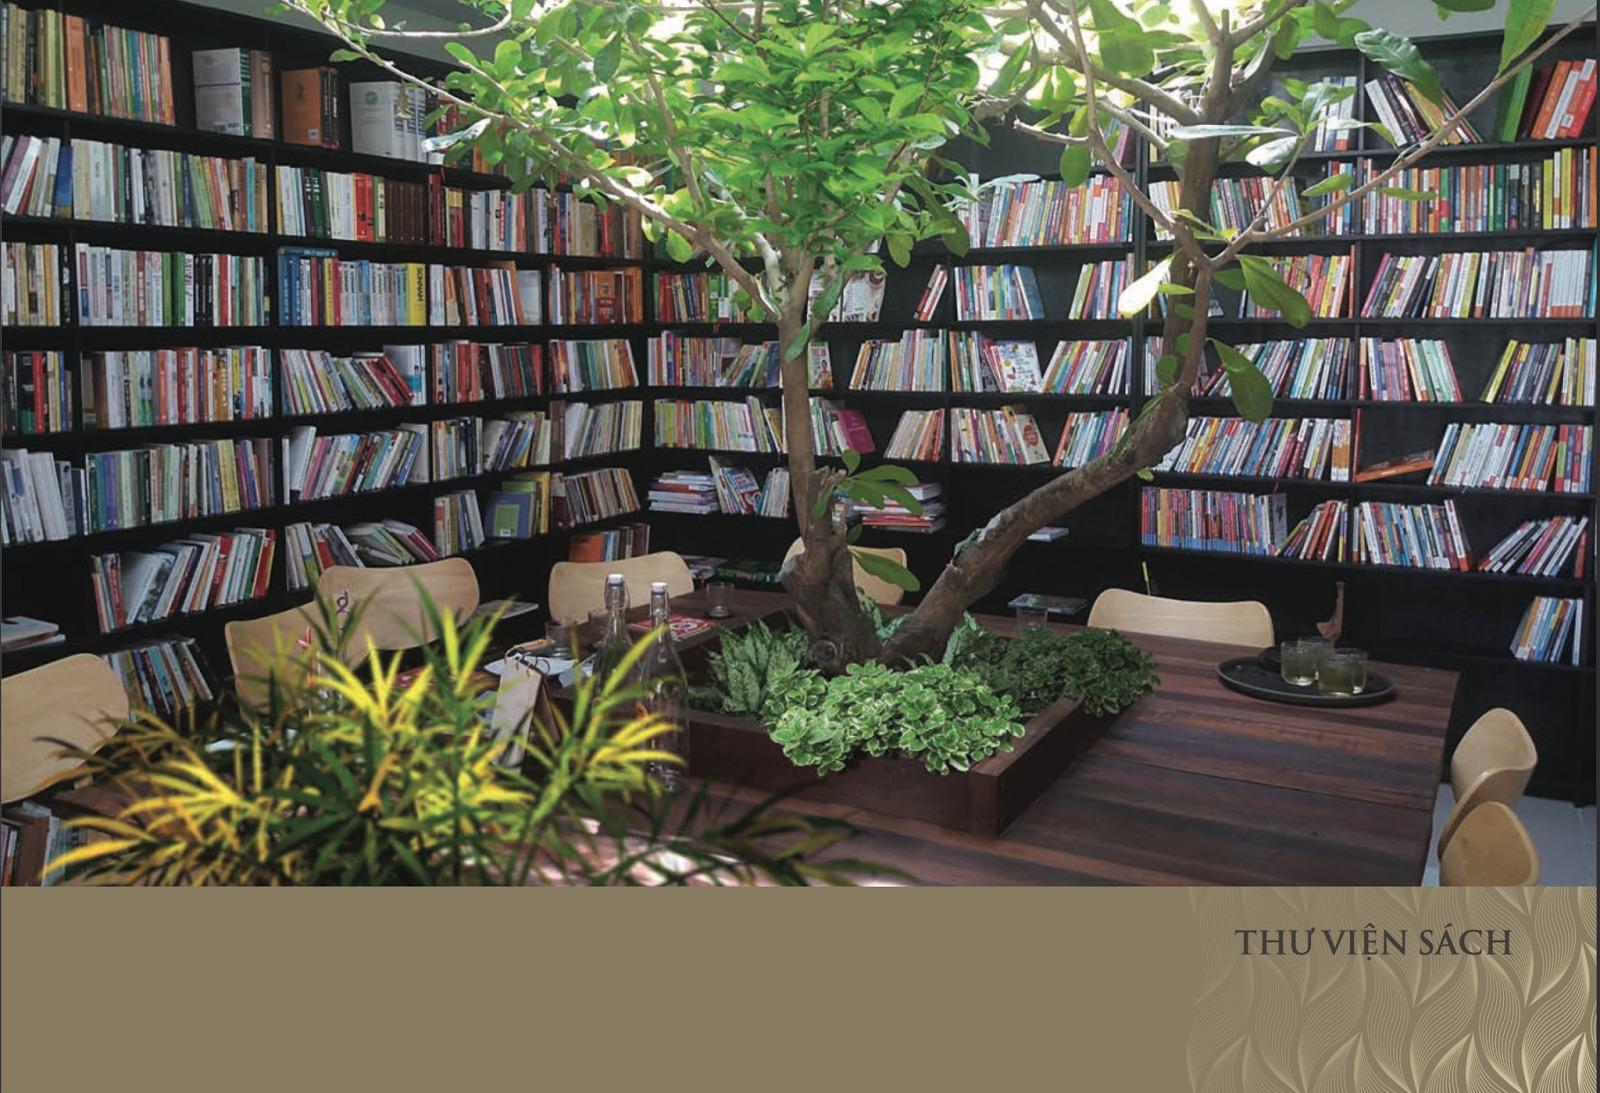 Thư viện sách Núi Trúc Square